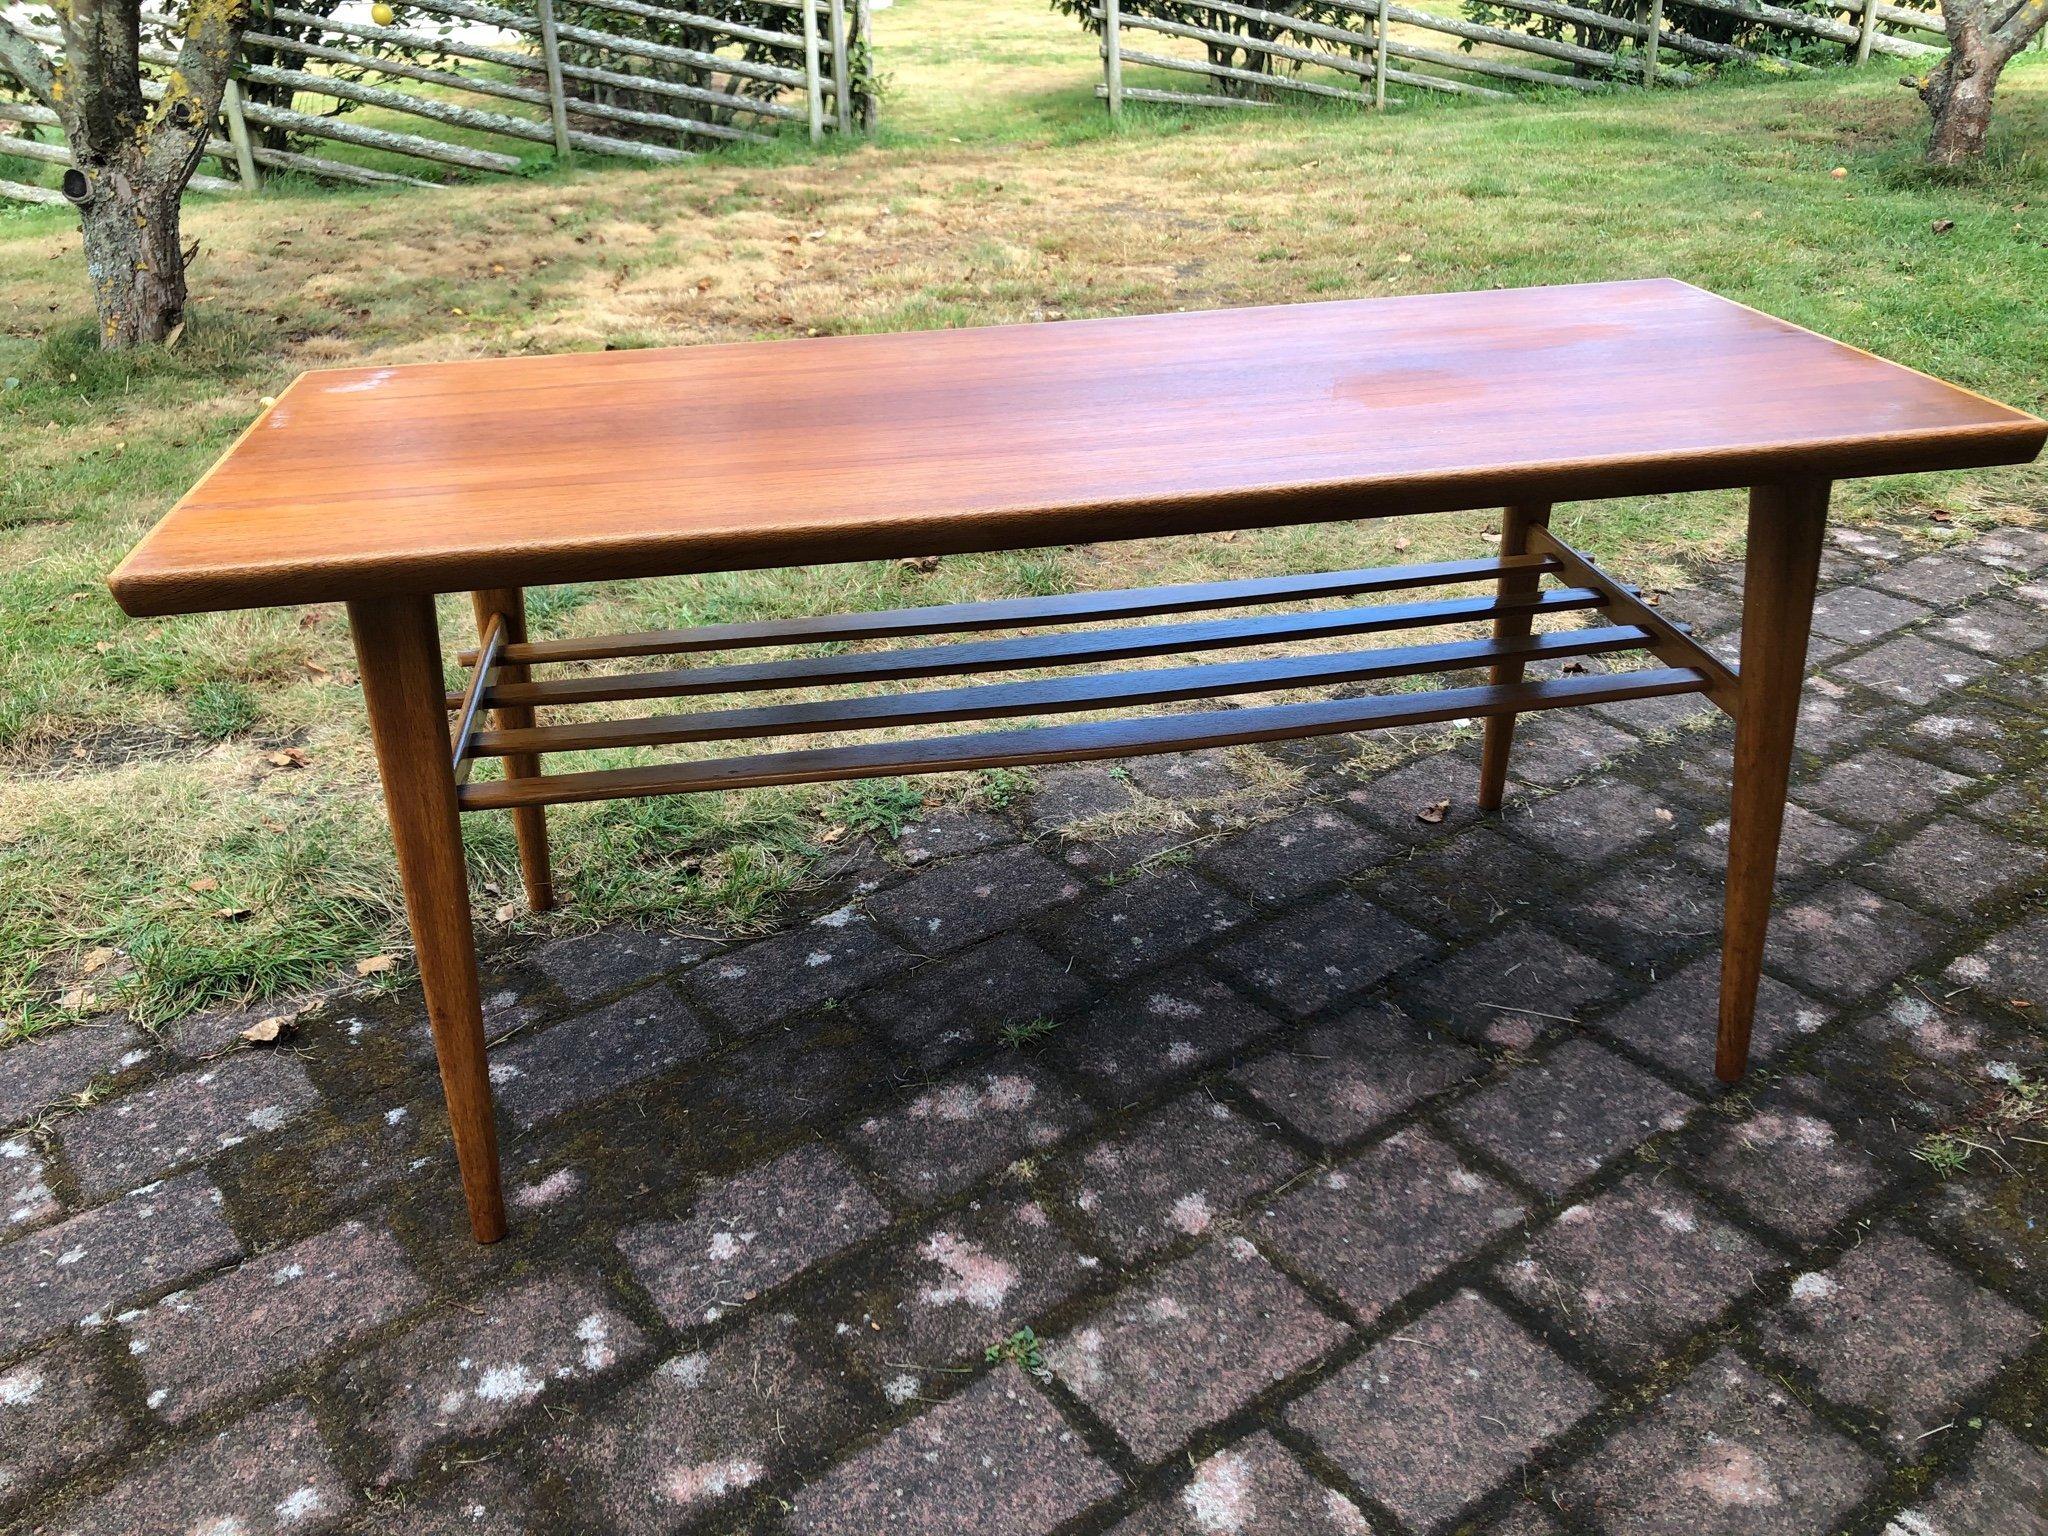 Teakbord Teak Soffbord Bord Retro Vintage 414216327 ᐈ Kop Pa Tradera